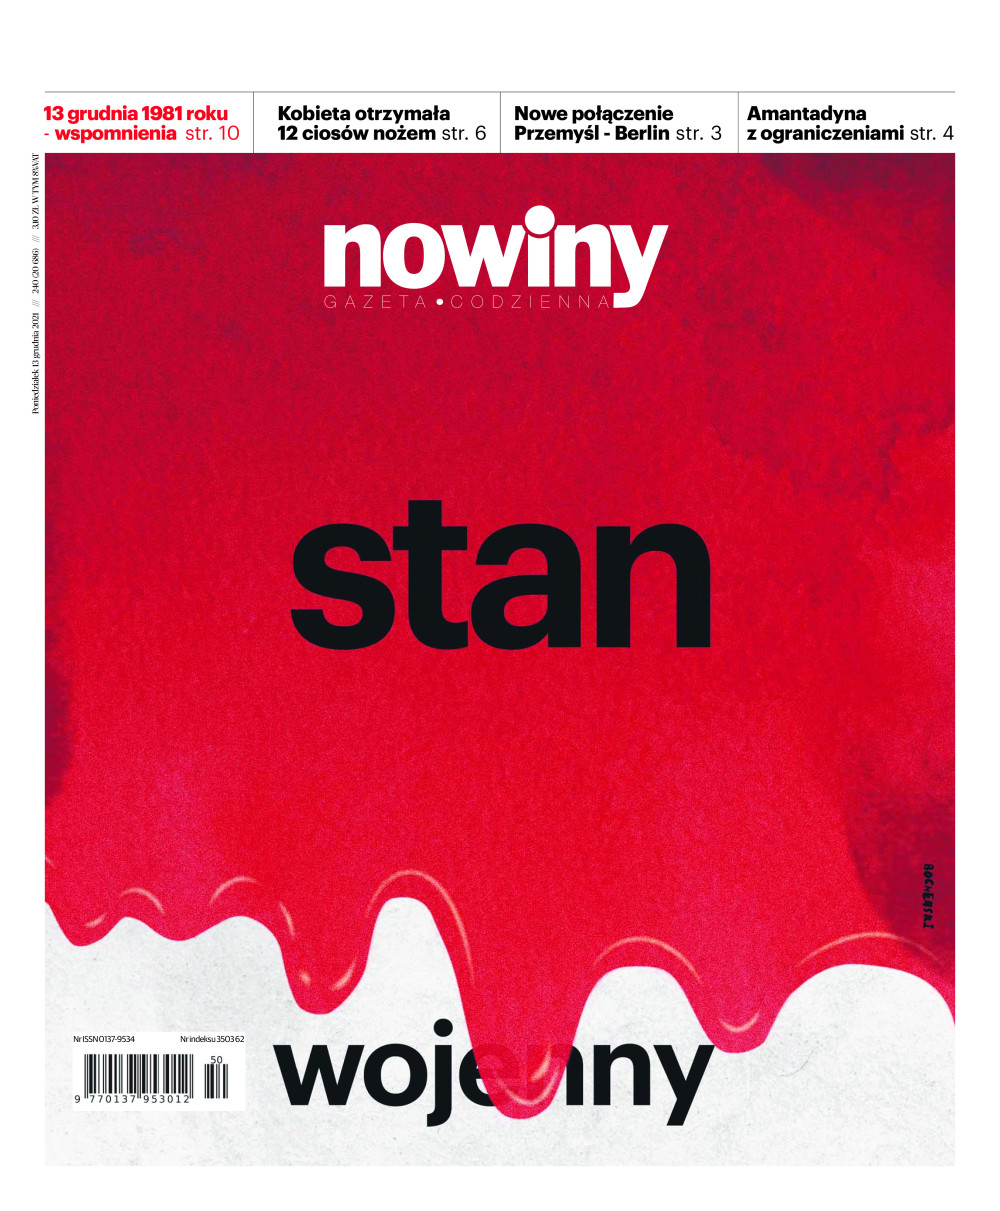 Gazeta Codzienna Nowiny - wydanie rzeszowskie - e-wydanie